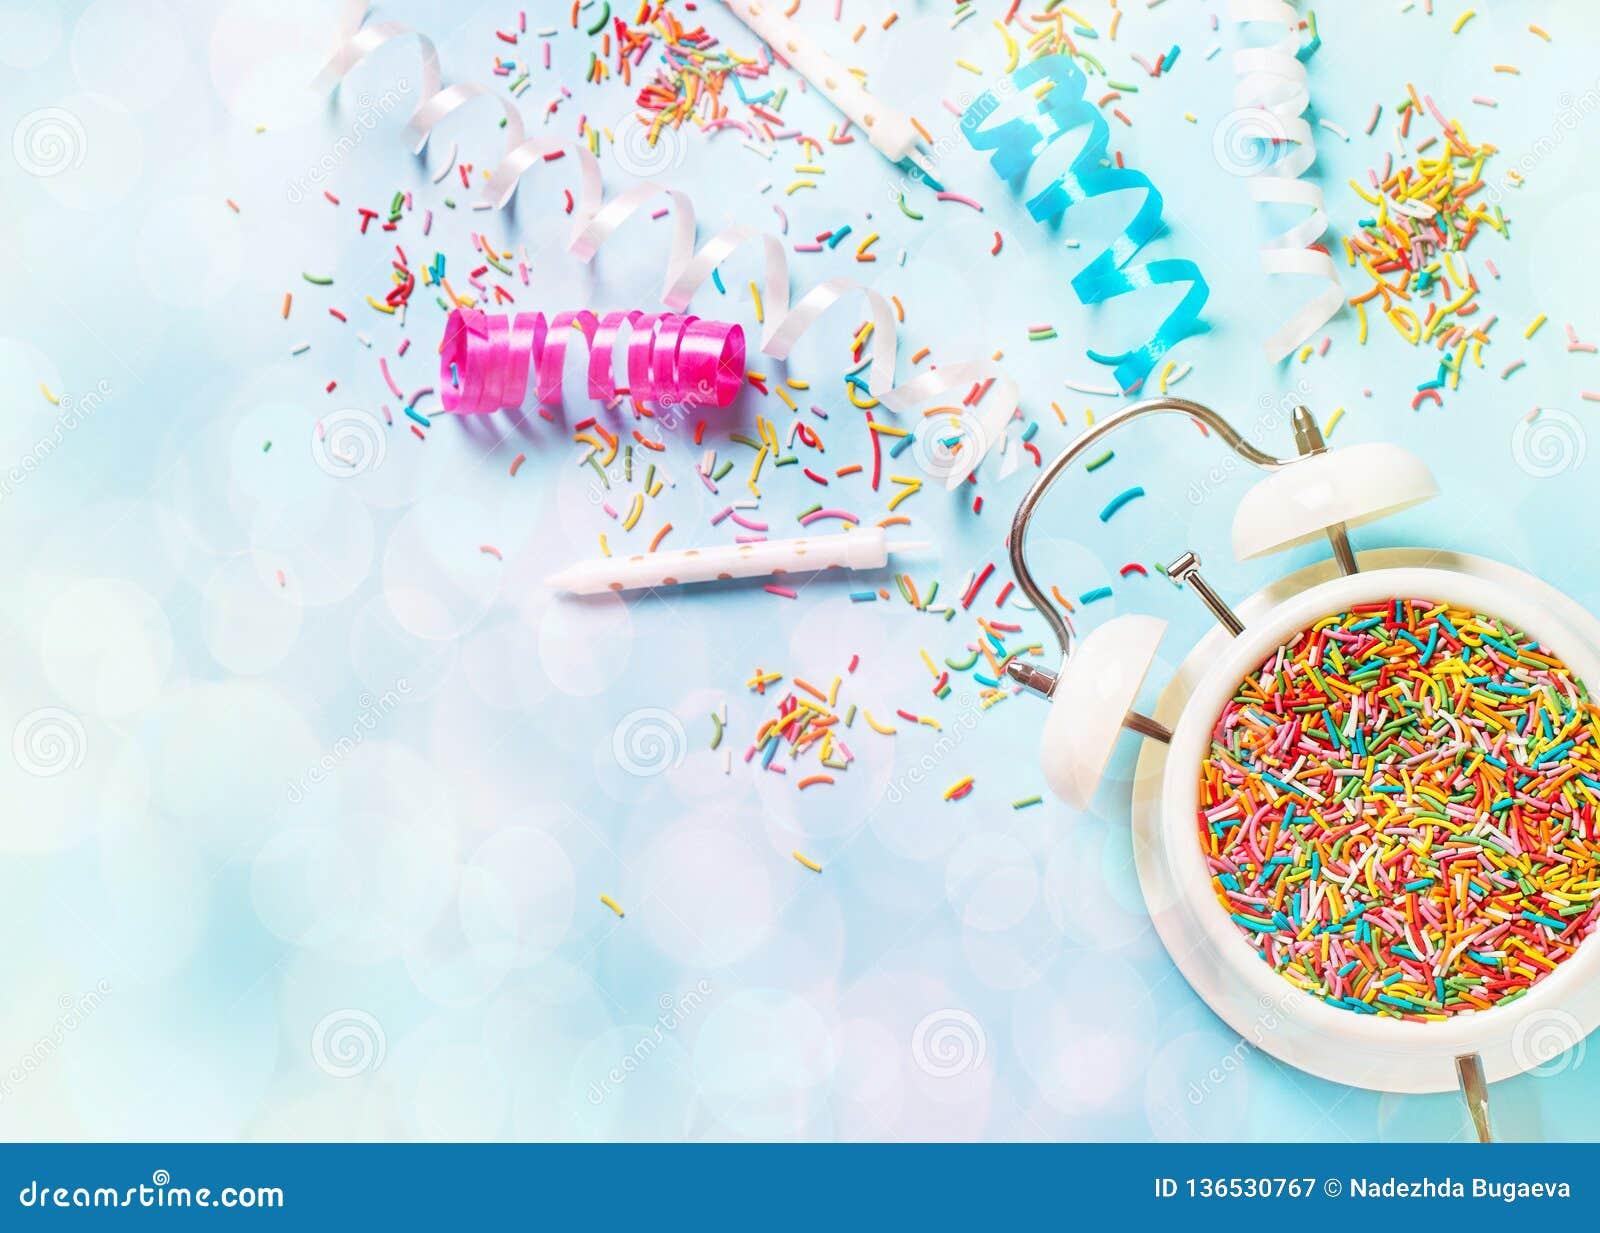 Έννοια του χρόνου γενεθλίων και κομμάτων στην μπλε κρητιδογραφία bakground με το συναγερμό